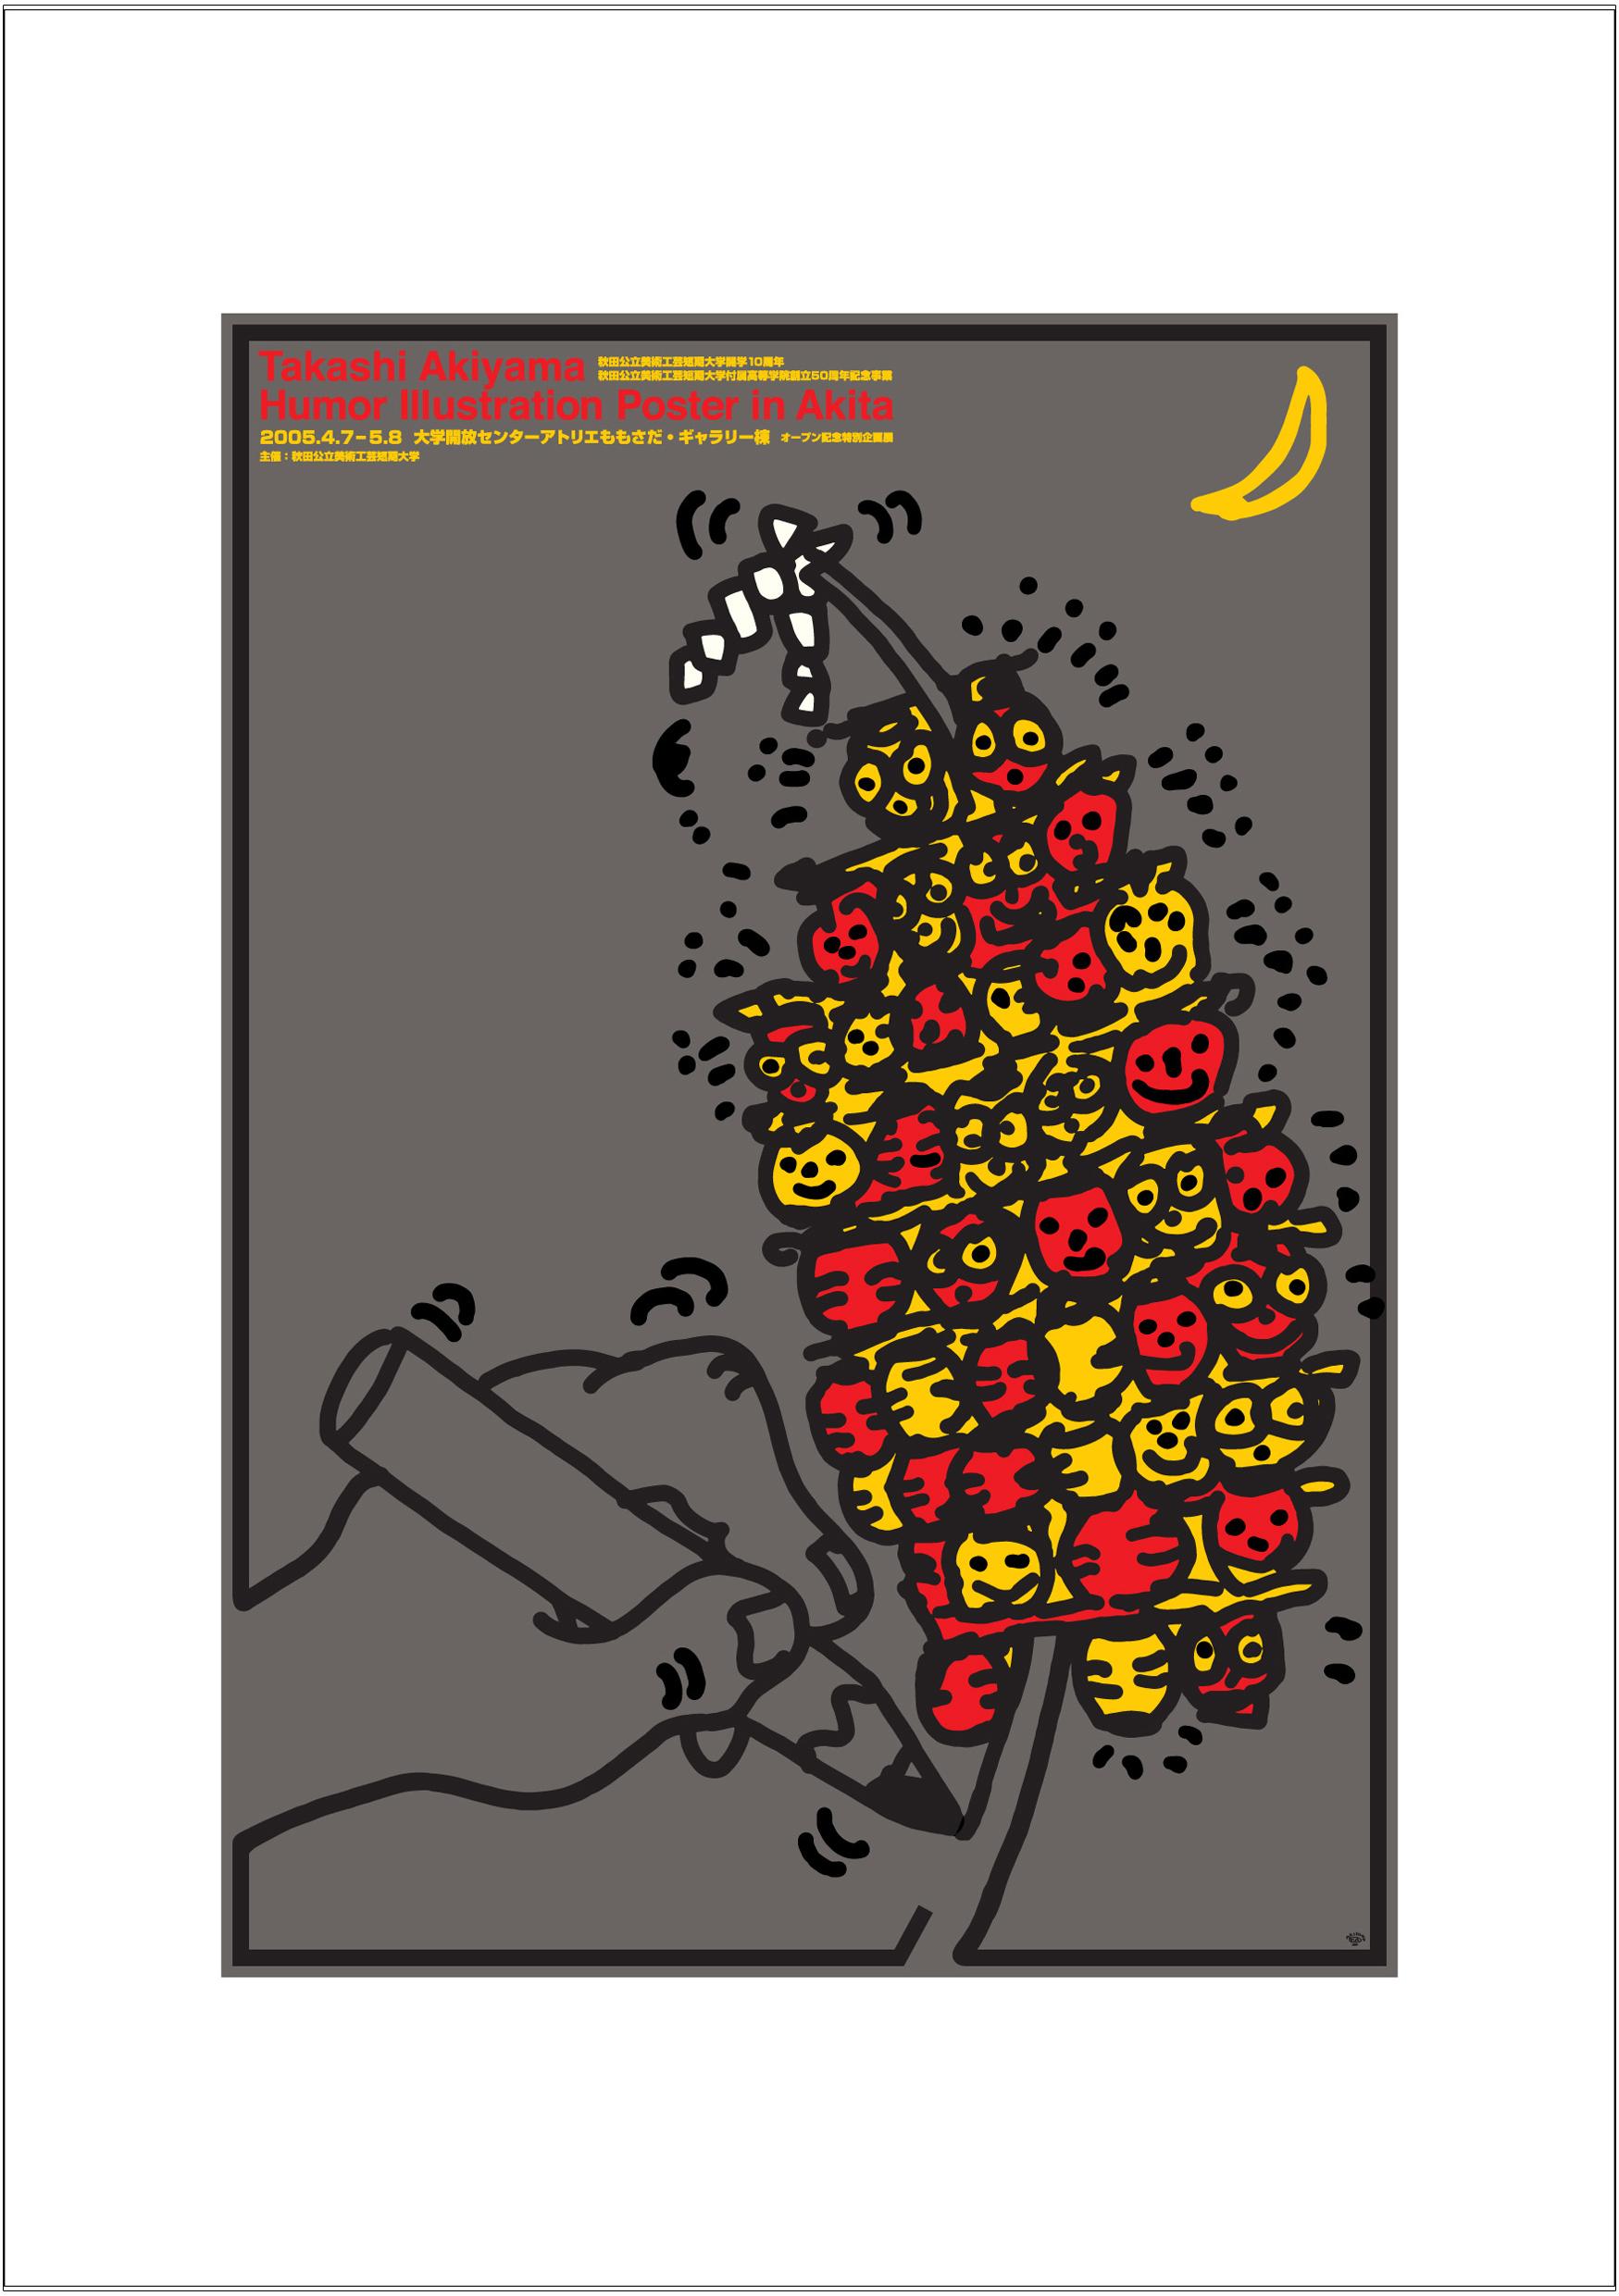 ポスターアーティスト秋山孝が2005年に制作したアートカード「アートカード ポスター 2005 02」